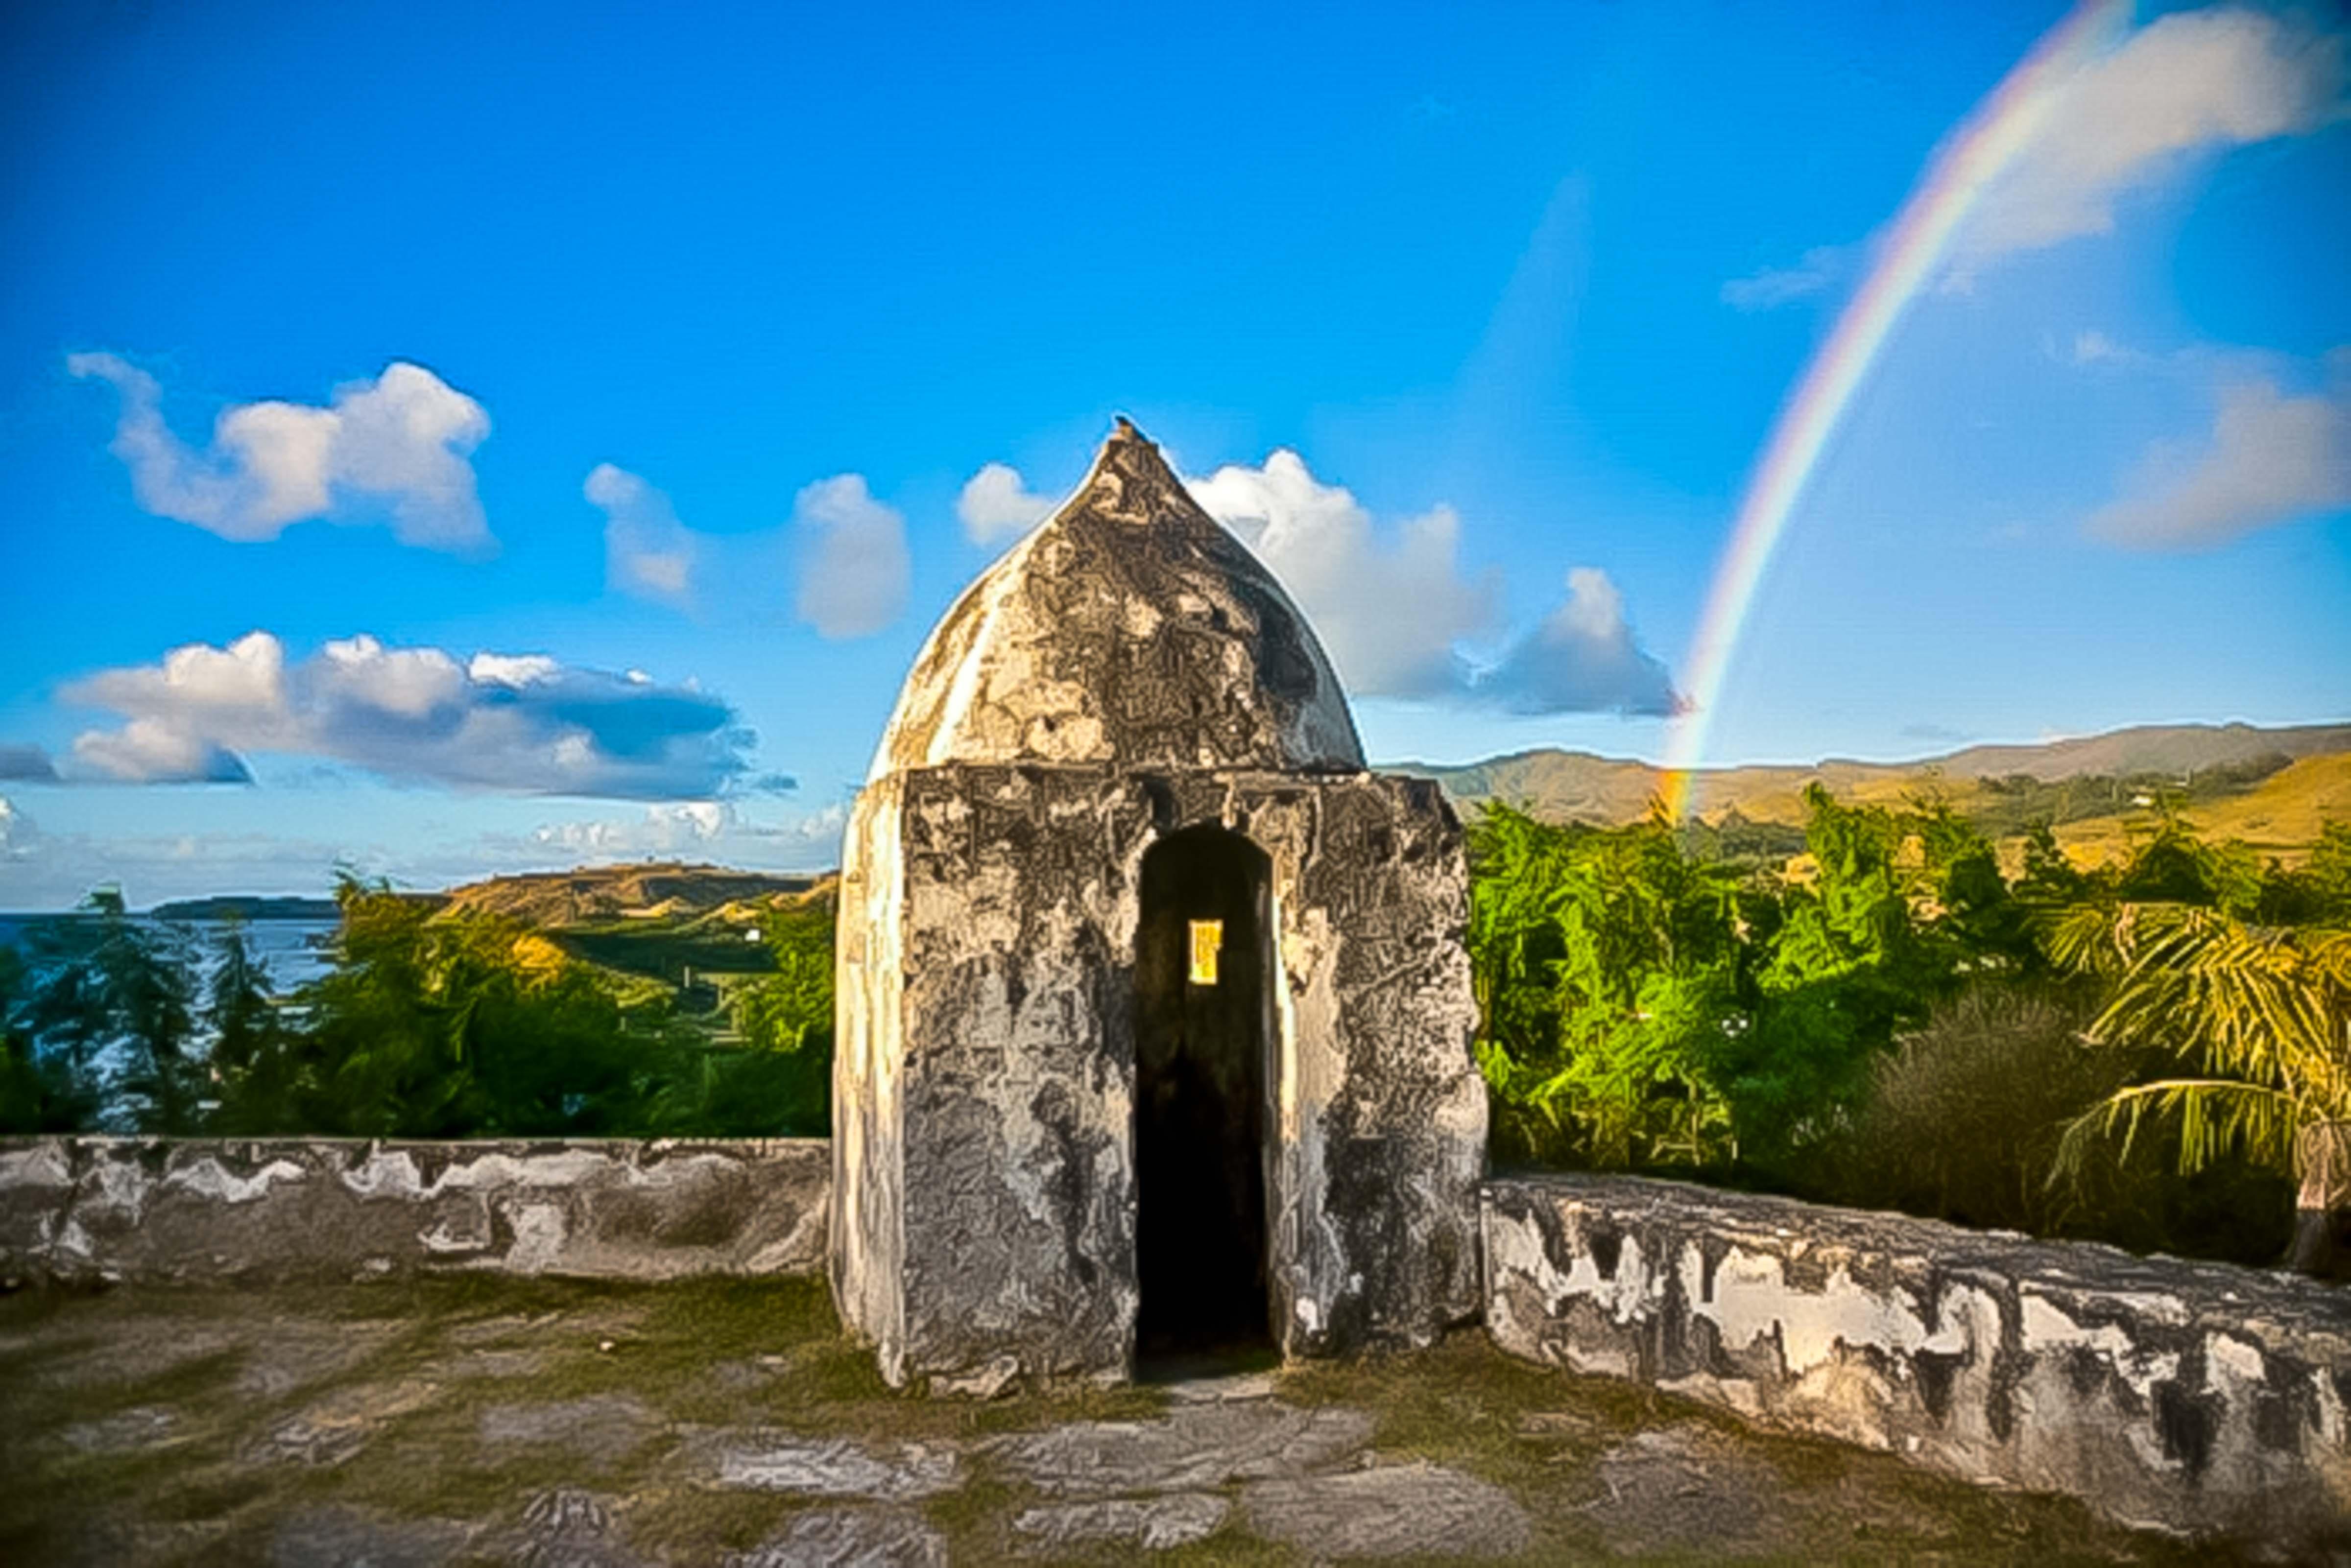 USA, Guam, Rainbow, 2009, IMG 3133